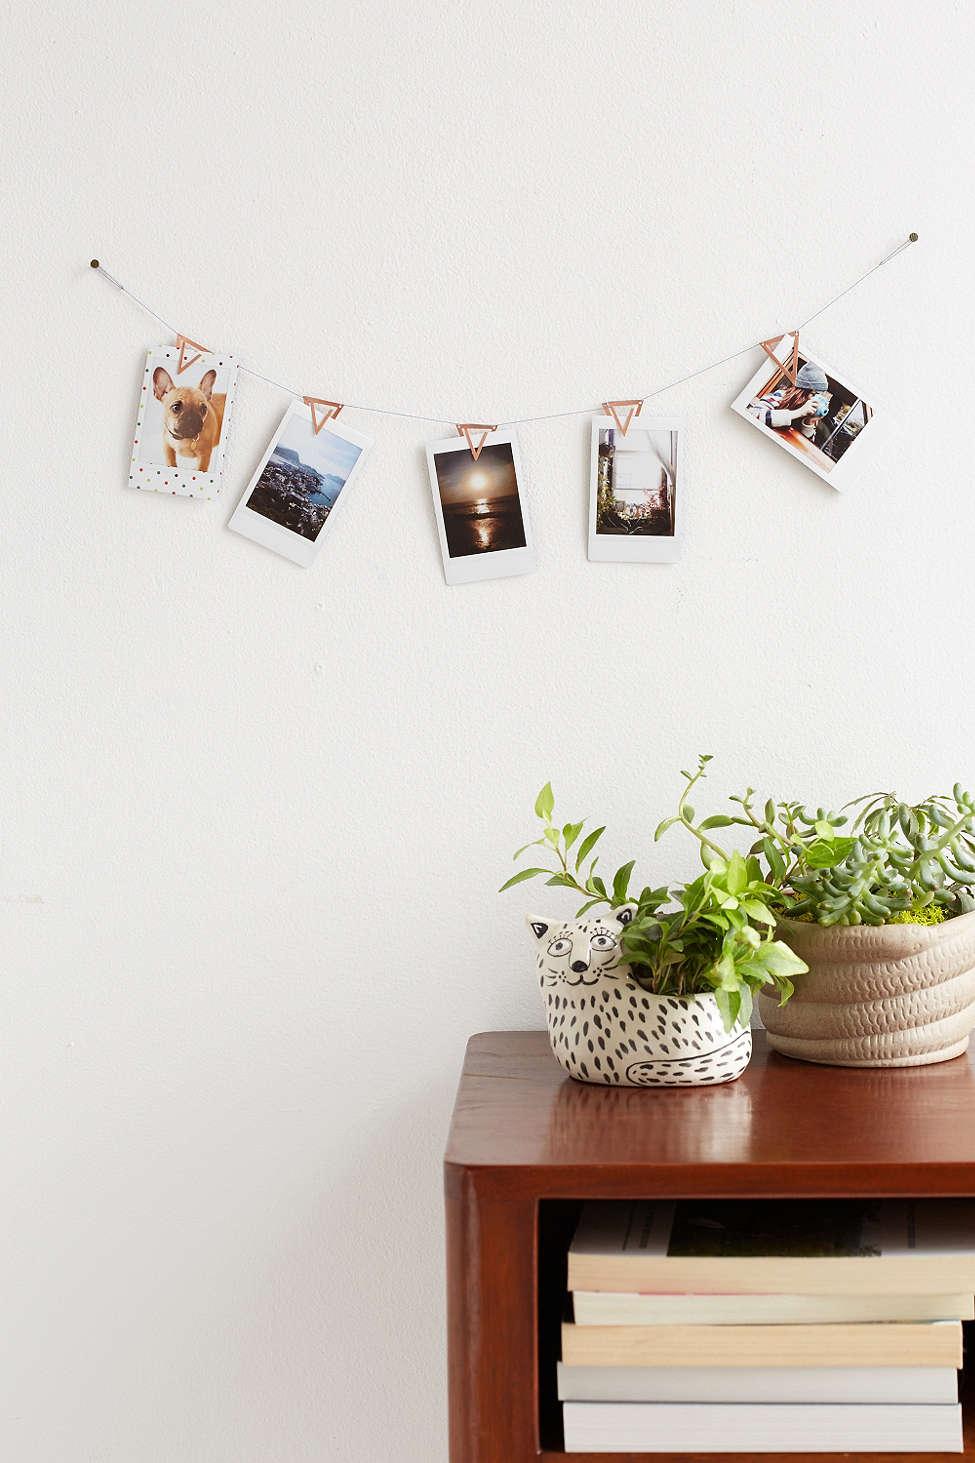 clips-de-cobre-para-varal-de-fotografias-urban-outfitters